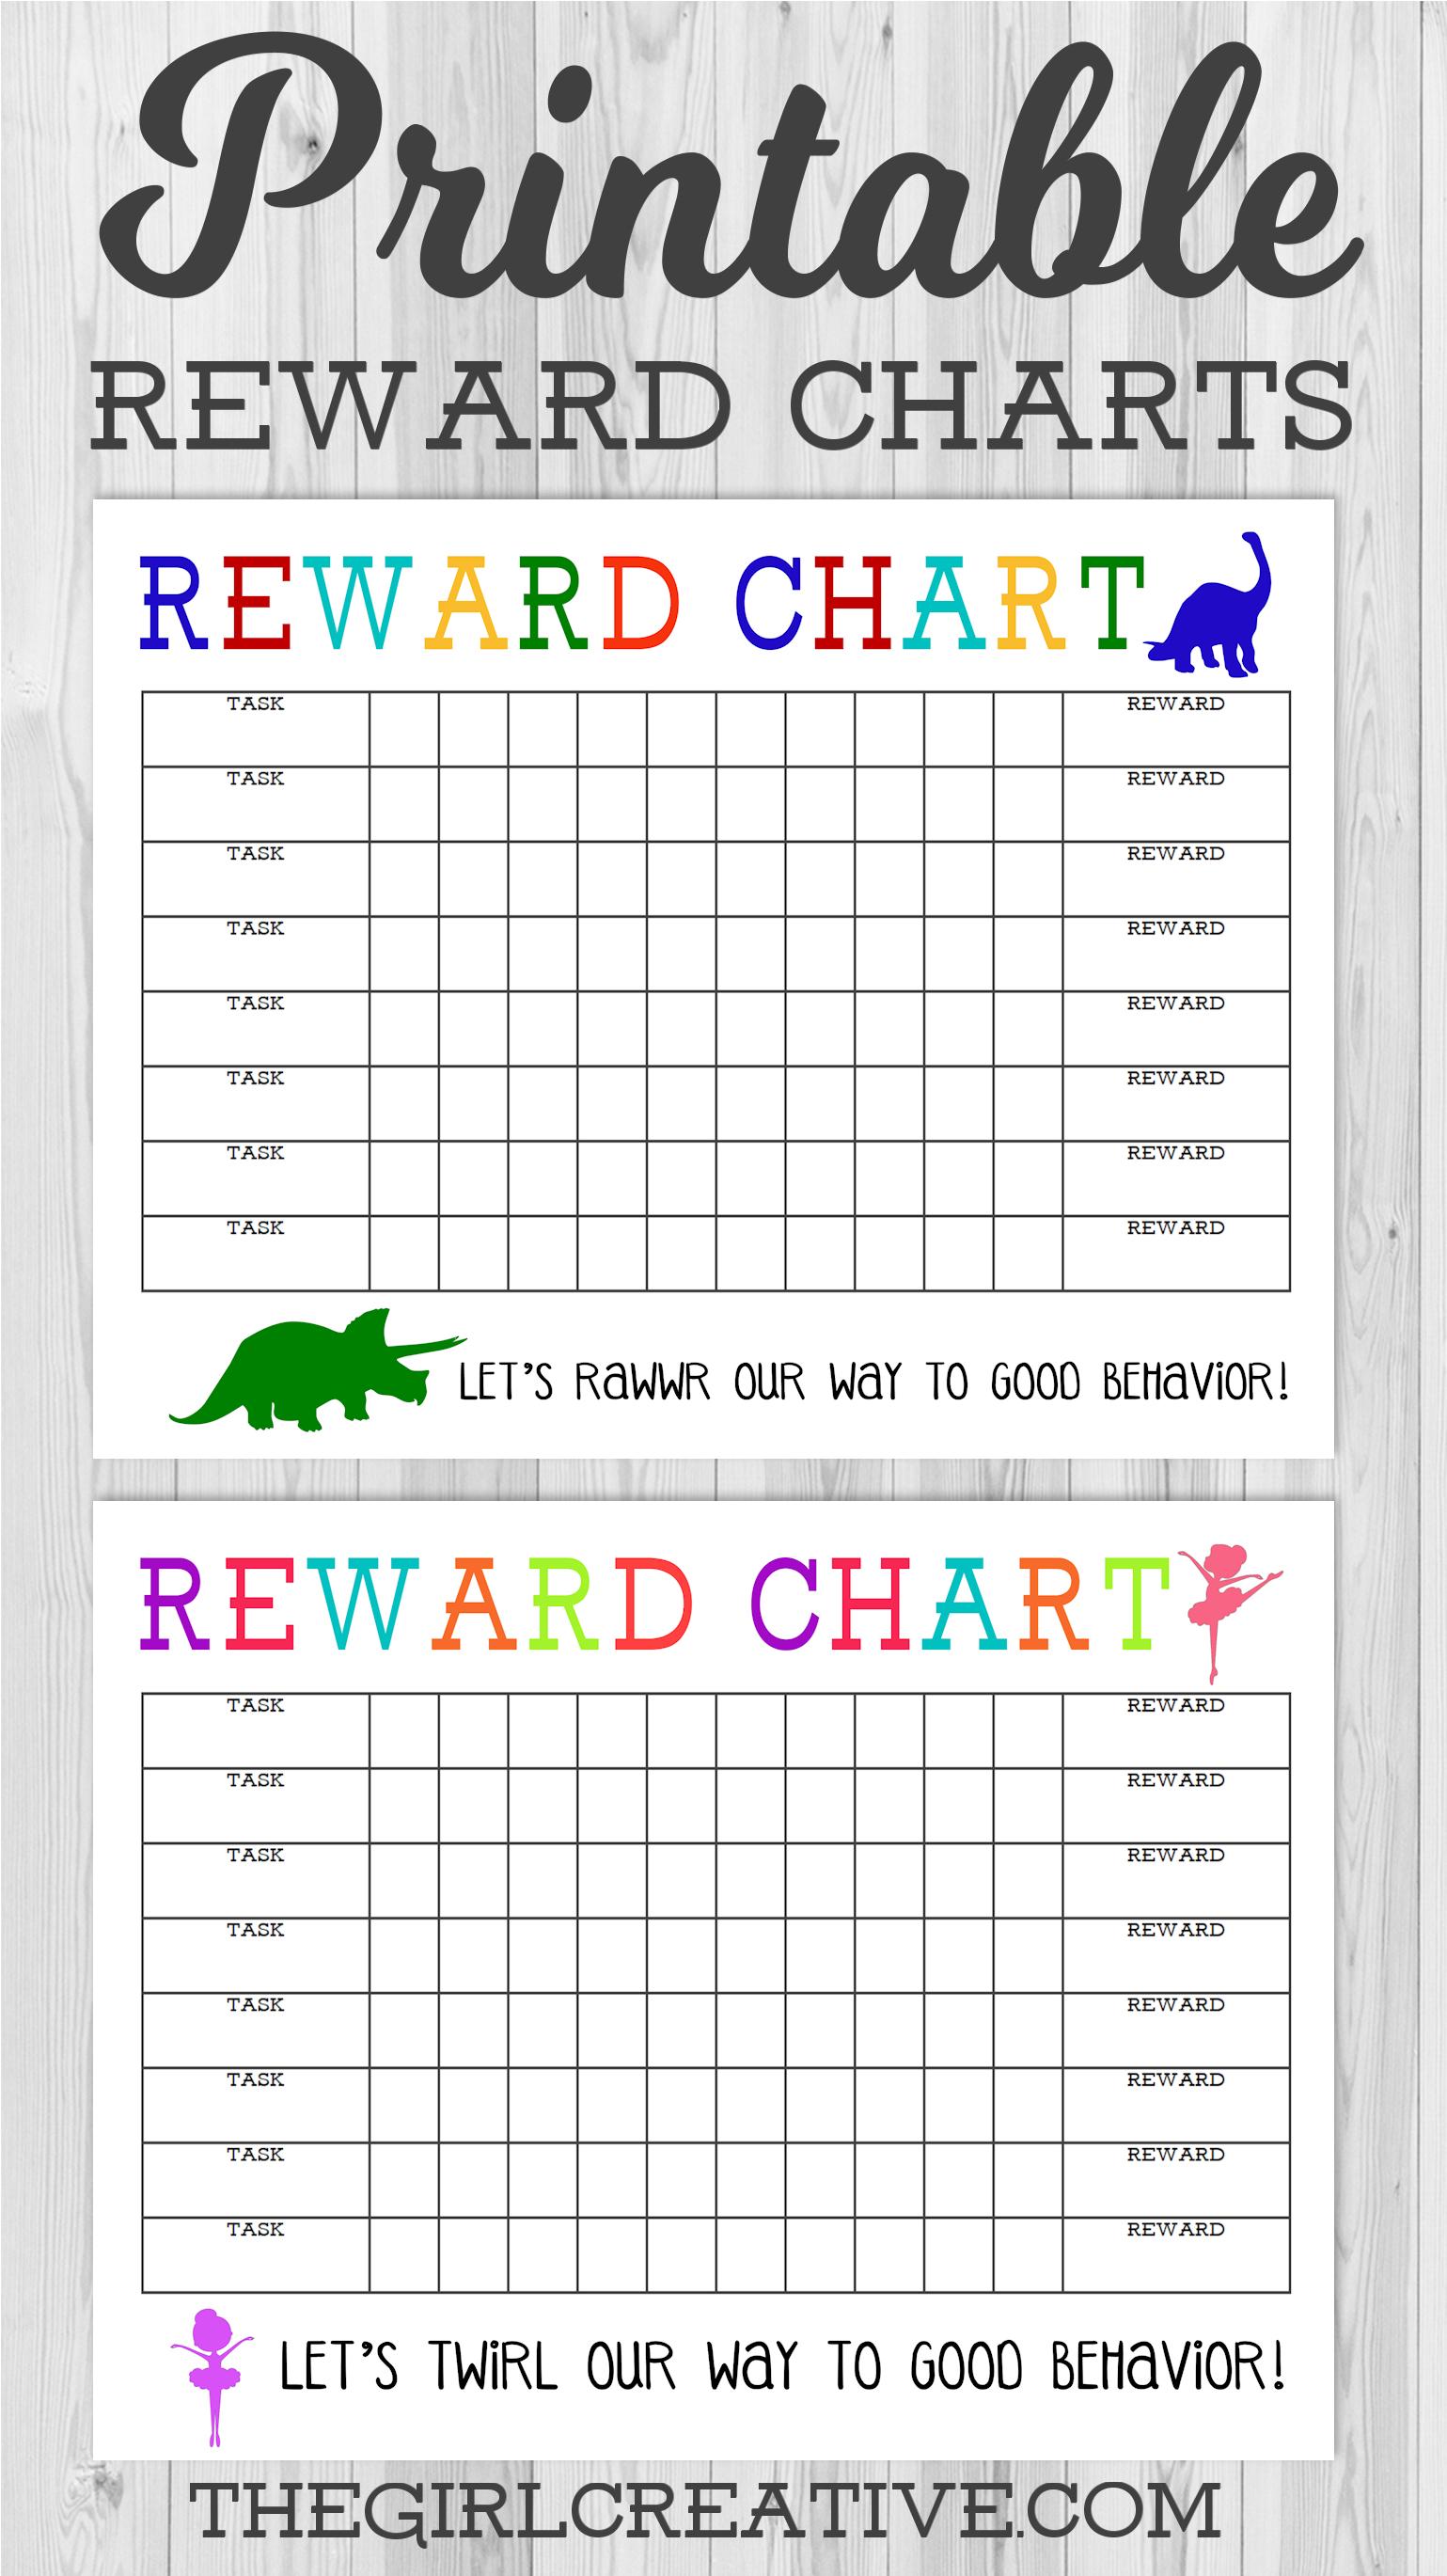 Printable Reward Chart - The Girl Creative - Free Printable Charts For Kids